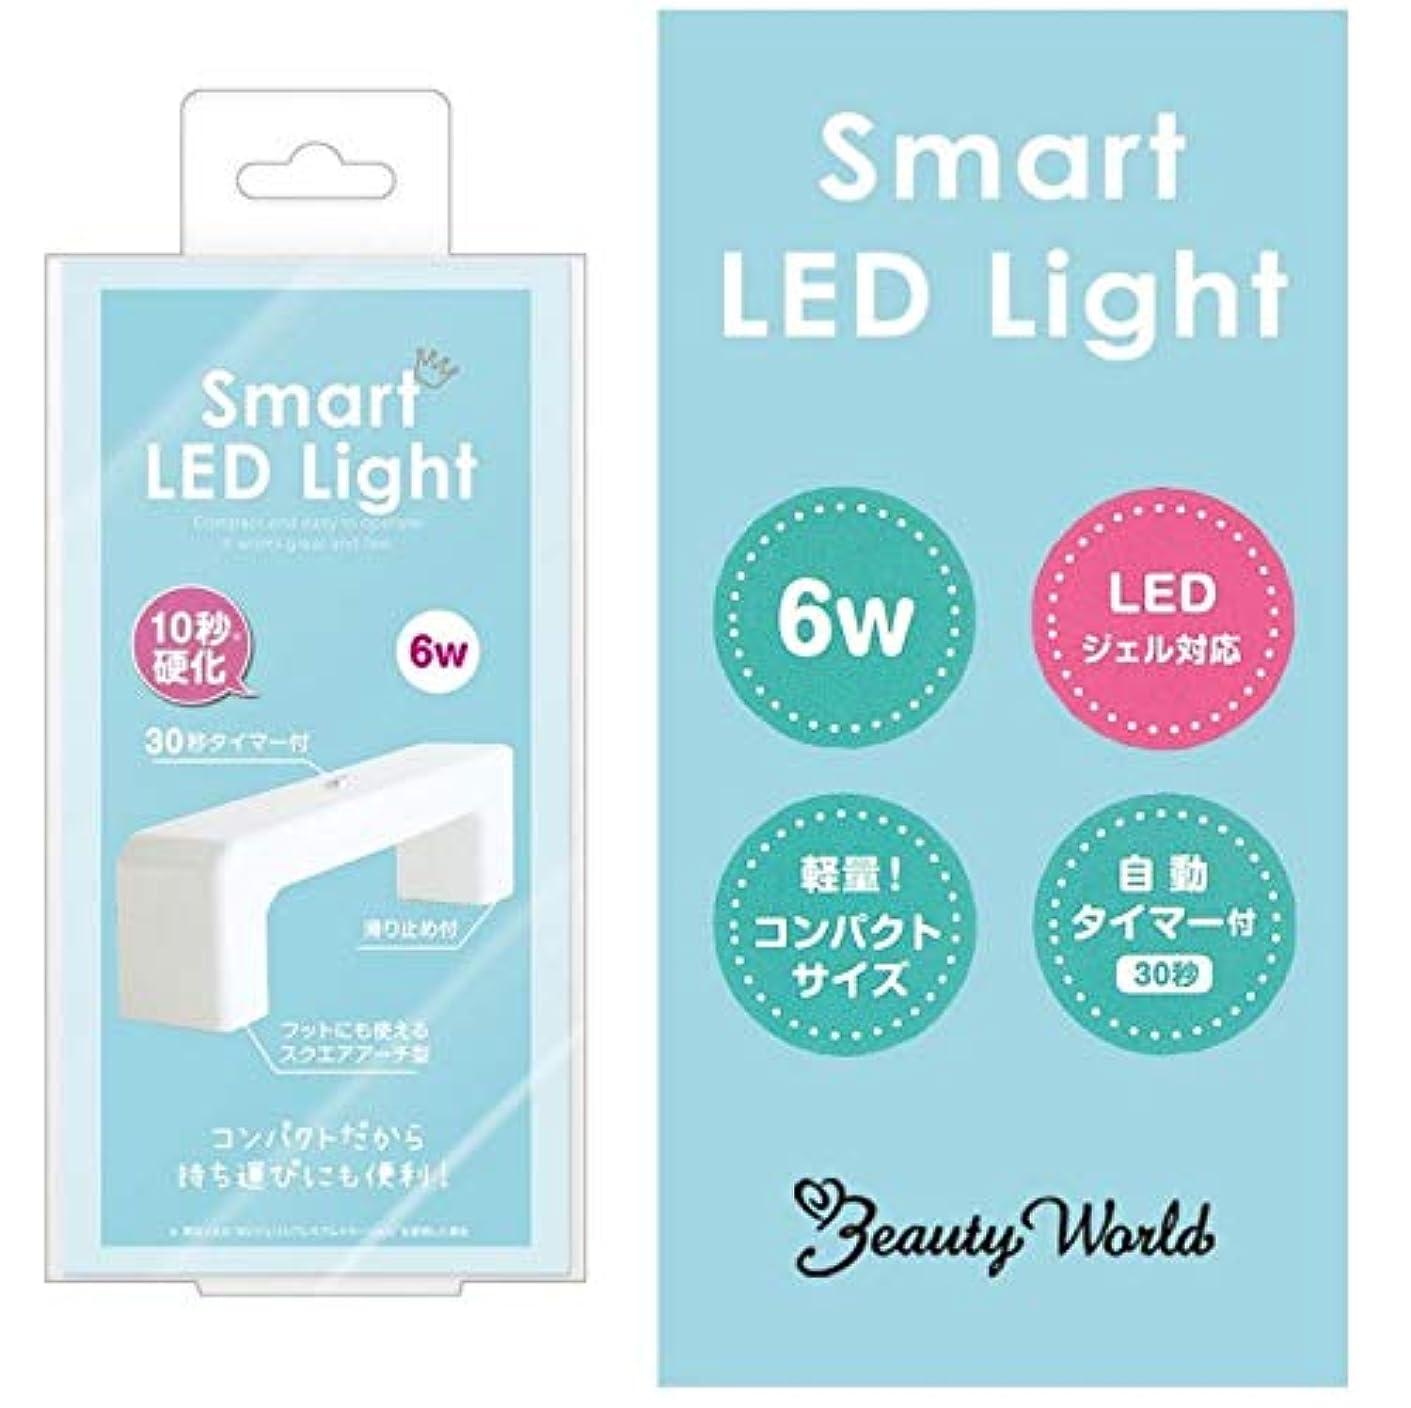 とらえどころのない裁判官反乱スマートLEDライト LED3801 6W チップ型 LED ライト スクエアアーチ型 自動タイマー付 ハンド フット ジェル ネイル スピーディー 硬化 コンパクト 軽量